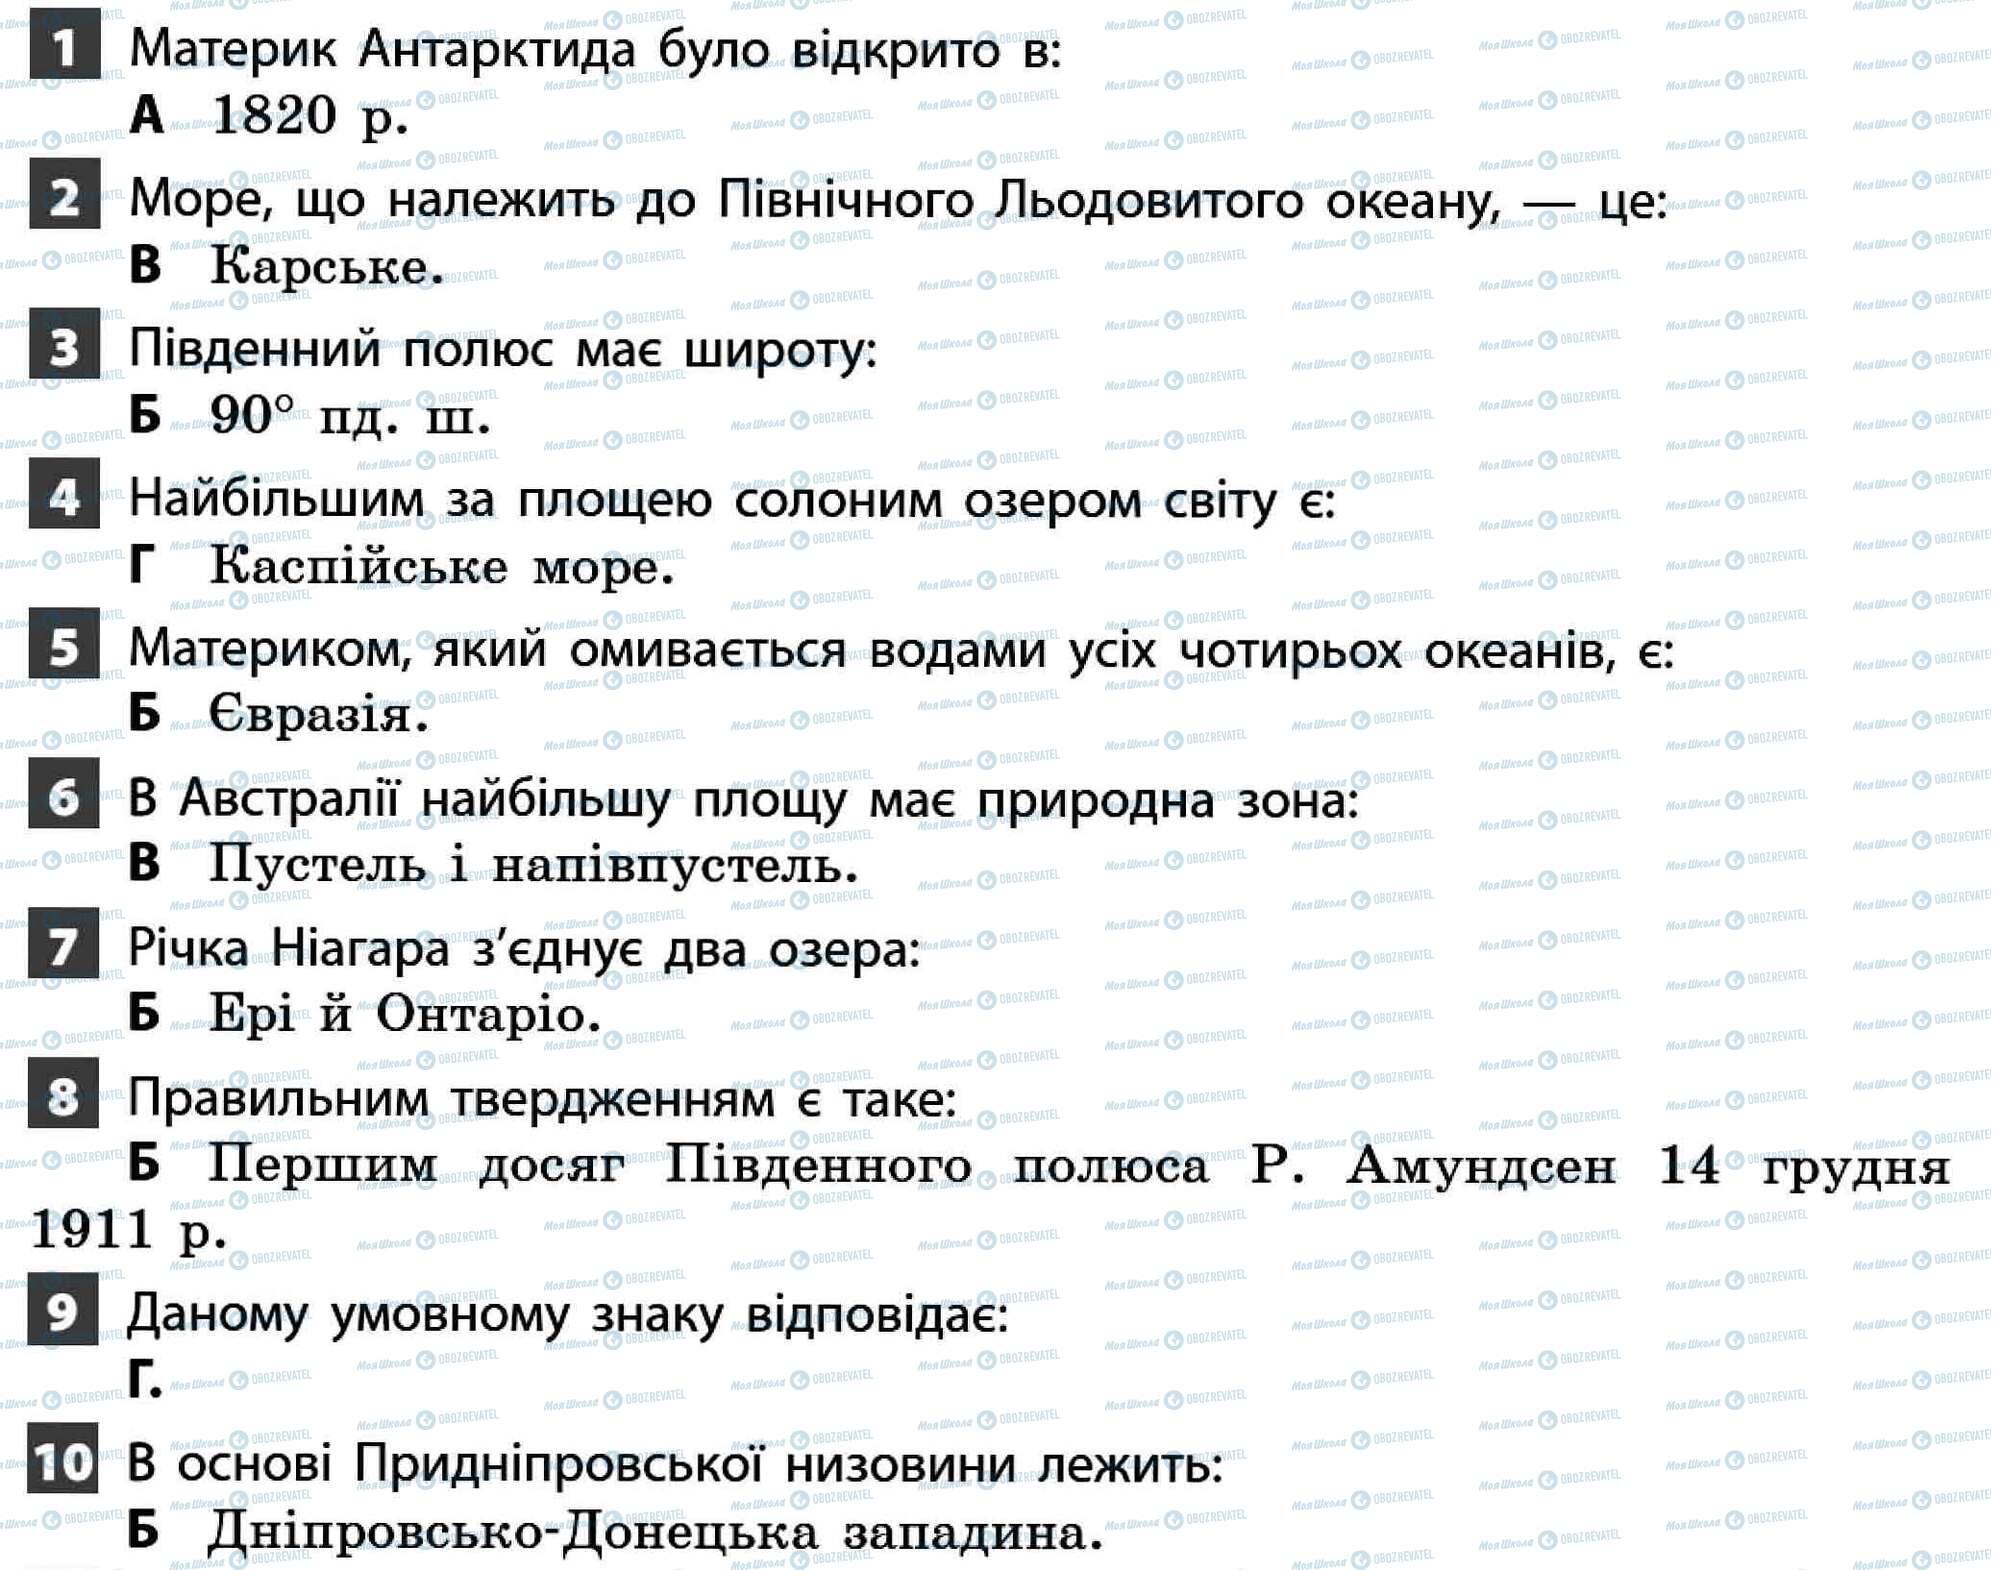 ДПА Географія 11 клас сторінка 1-10